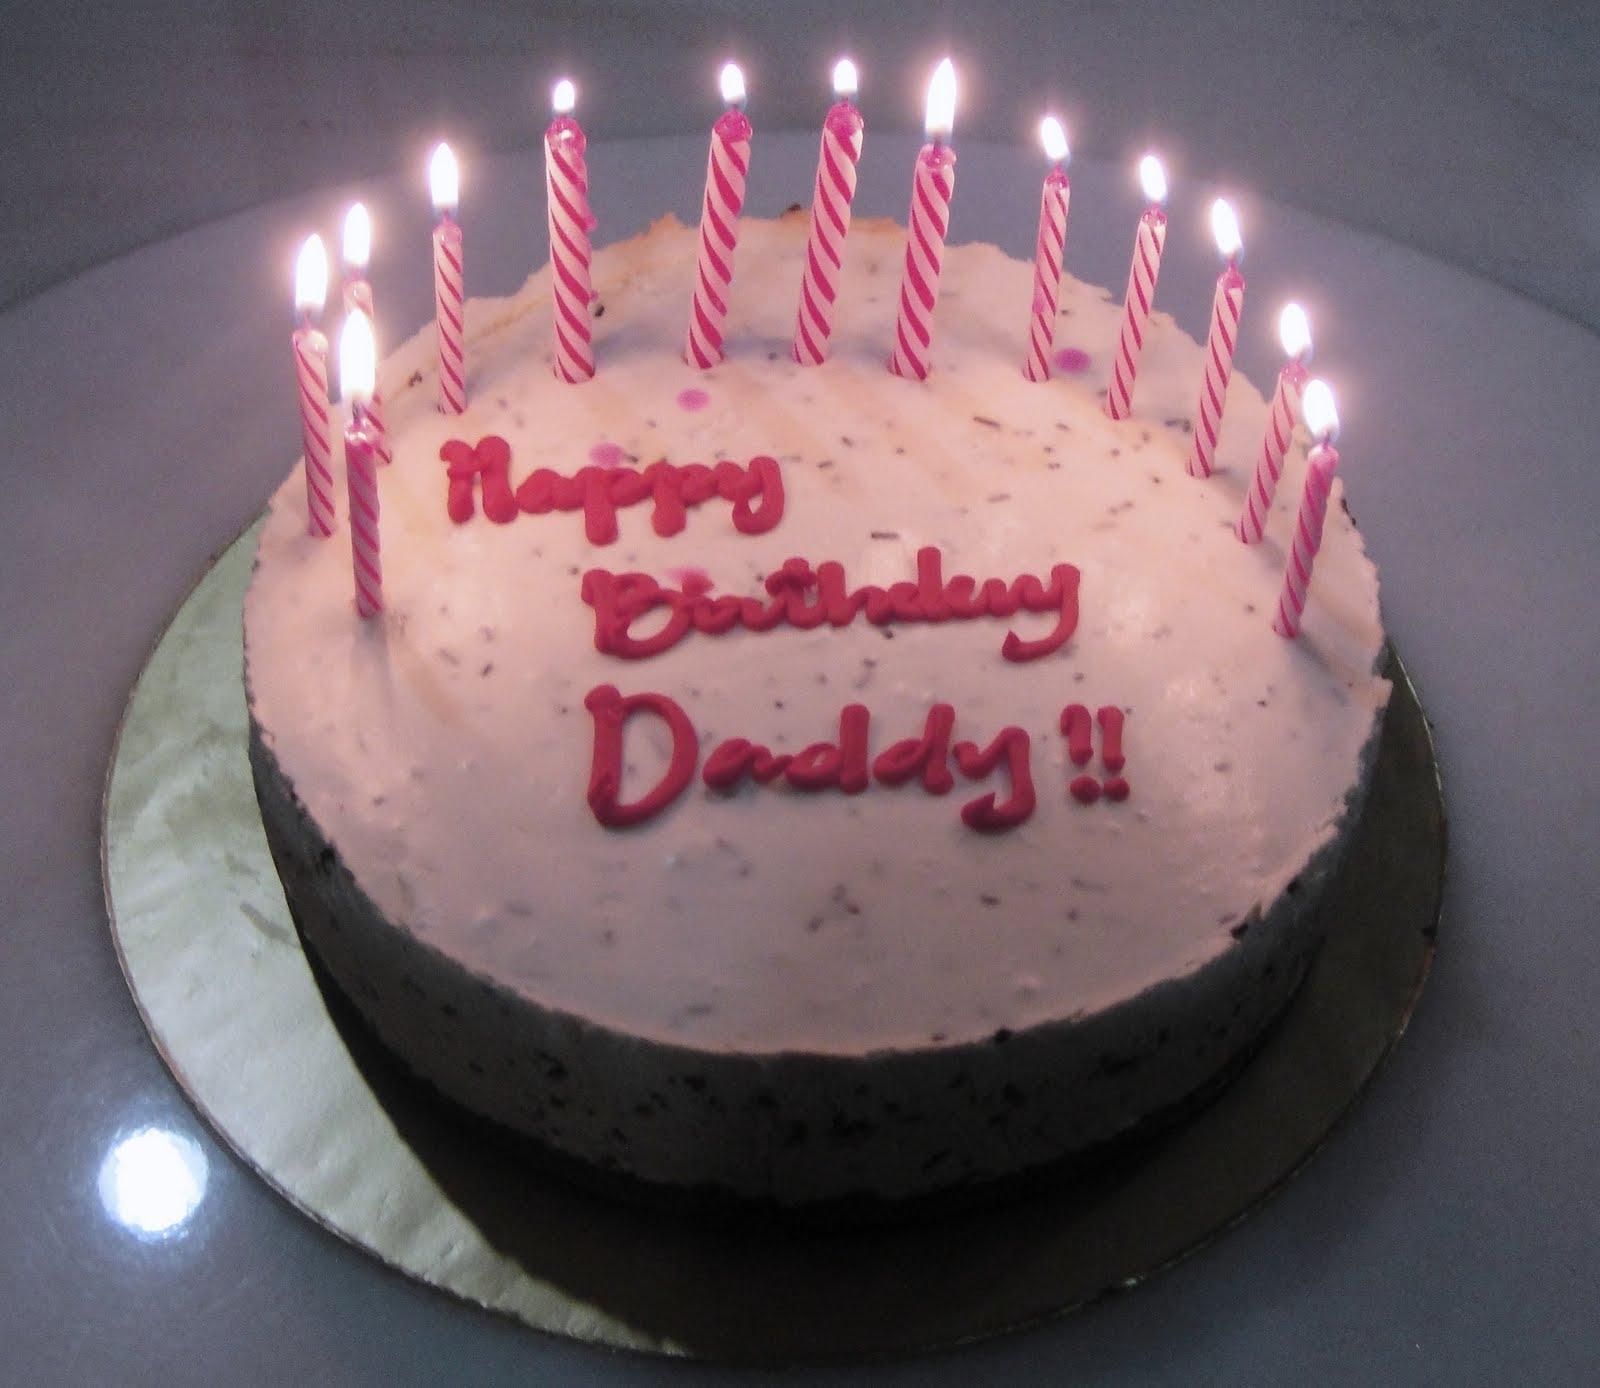 Little Big Dreams Happy Birthdaydy